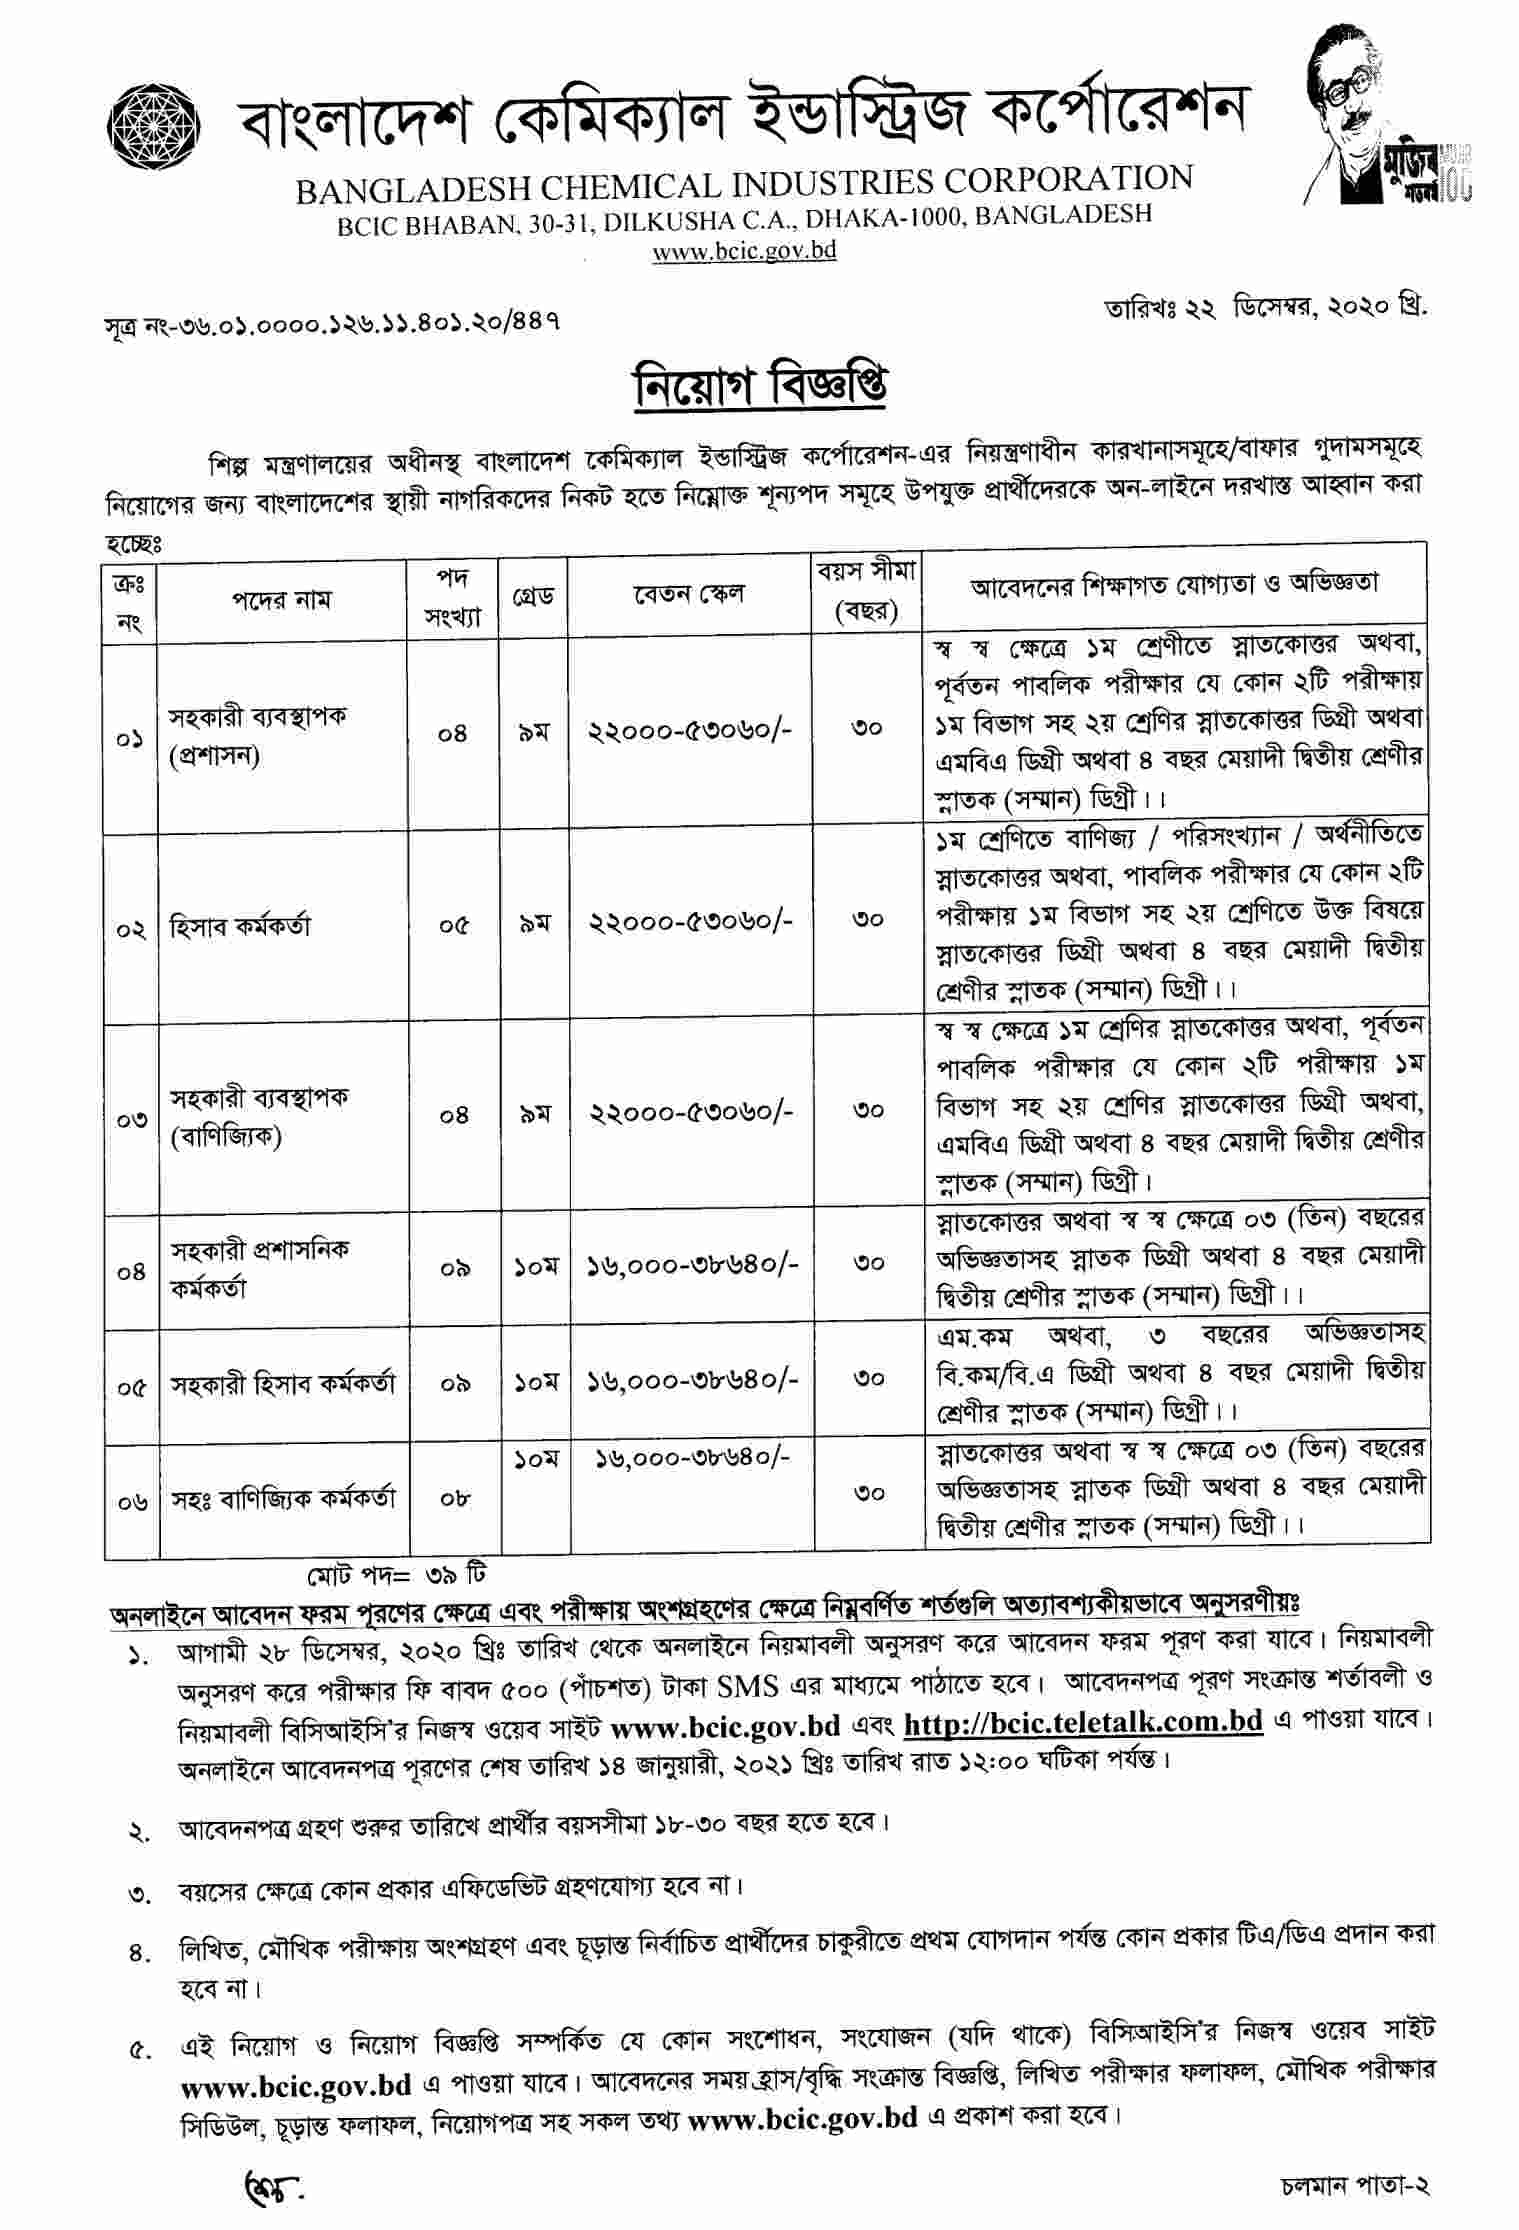 বাংলাদেশ কেমিক্যাল ইন্ডাস্ট্রিজ কর্পোরেশন নিয়োগ বিজ্ঞপ্তি, বিসিআইসি নিয়োগ বিজ্ঞপ্তি ২০২১,বি সি আই সি নিয়োগ, বাংলাদেশ কেমিক্যাল ইন্ডাস্ট্রিজ কর্পোরেশন এ নিয়োগ বিজ্ঞপ্তি, বিসিআইসি নিয়োগ, bangladesh chemical industries corporation job circular, Bangladesh Chemical Industries Corporation BCIC Job, BCIC Job Circular 2021   Online Apply http://bcic.teletalk.com.bd, BCIC Job Circular, Teletalk Apply 2020: নিয়োগ, Bangladesh Chemical Industries Corporation BCIC Job, BCIC Job circular 2021,